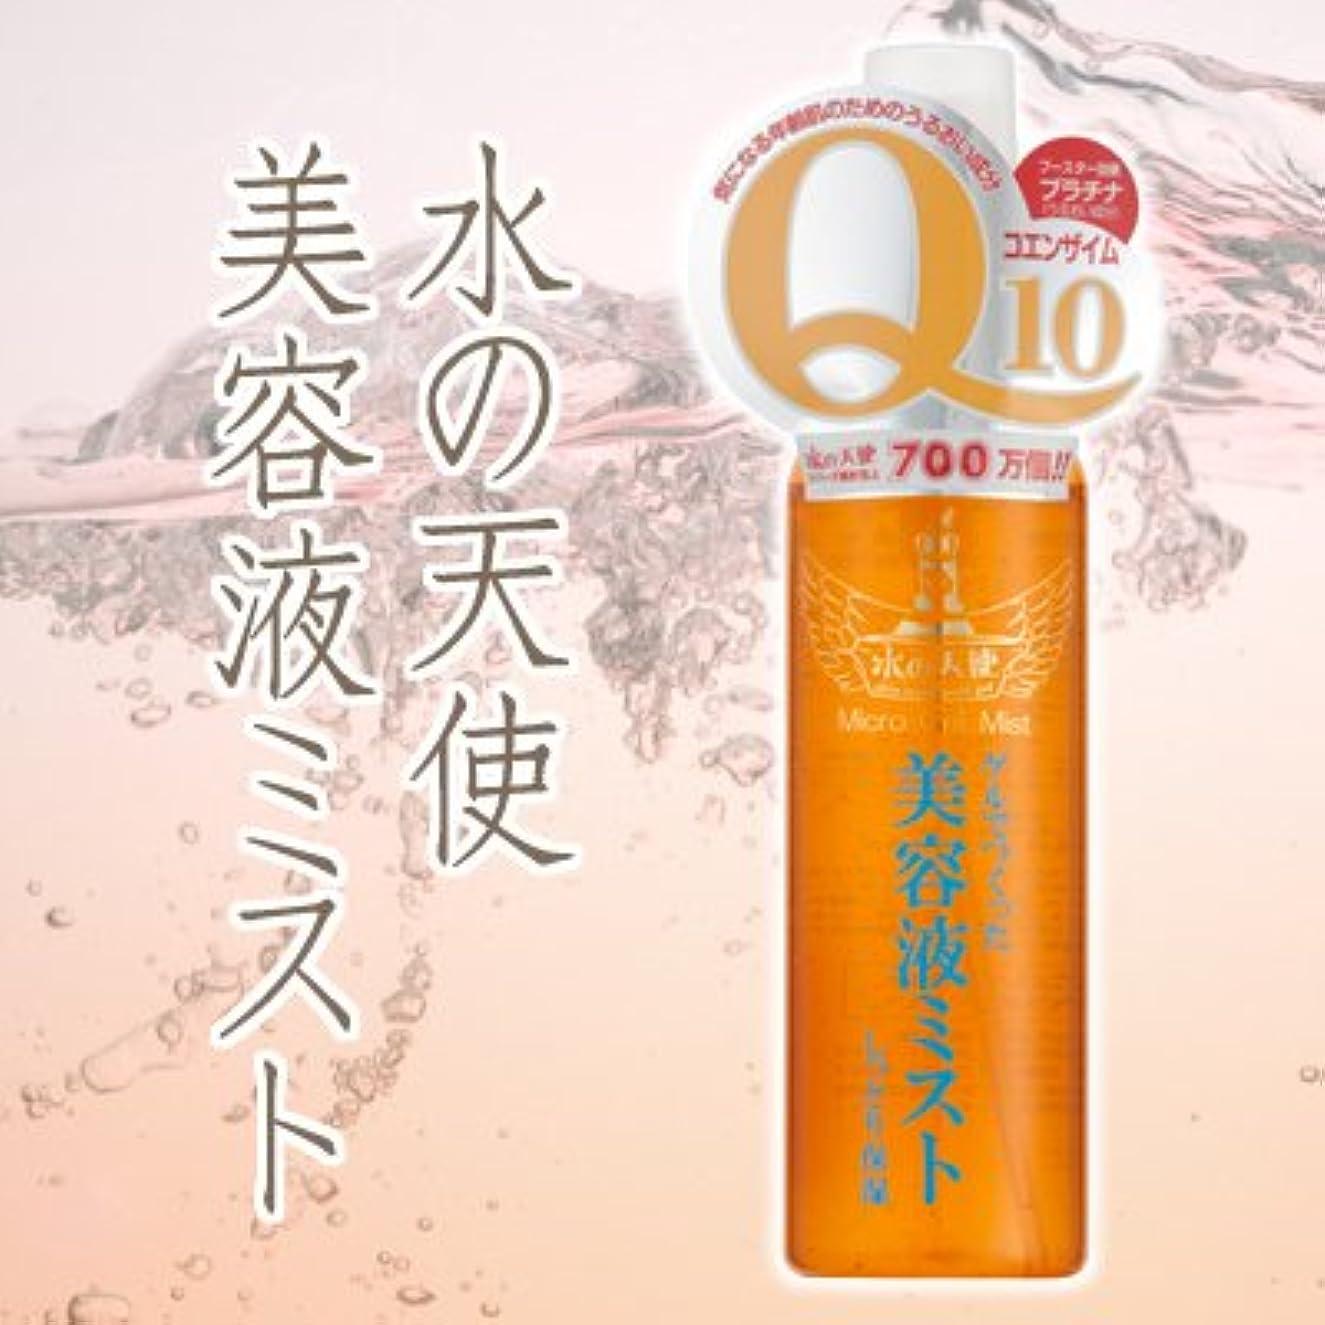 従う動作壊す水の天使美容液ミスト 120ml 3個セット ※あの「水の天使」シリーズから美容液ミストが新登場!